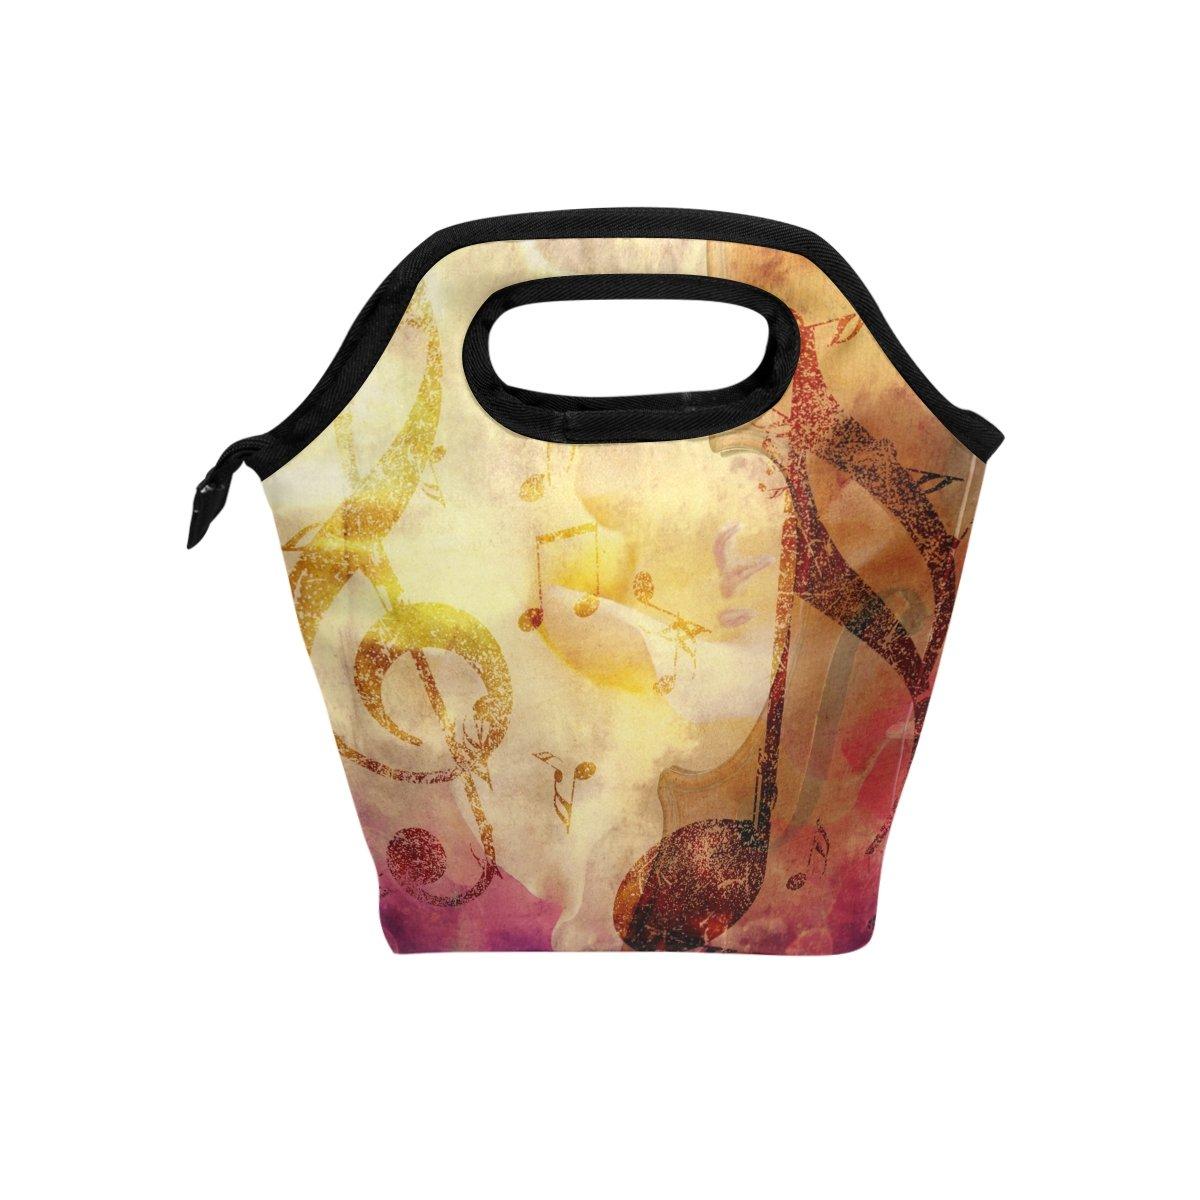 JSTEL - Bolsa de almuerzo para bolso de mano, bolsa de almuerzo, contenedor de alimentos, gourmet, bento, bolsa térmica para viajes, picnic, escuela, oficina bolsa térmica para viajes